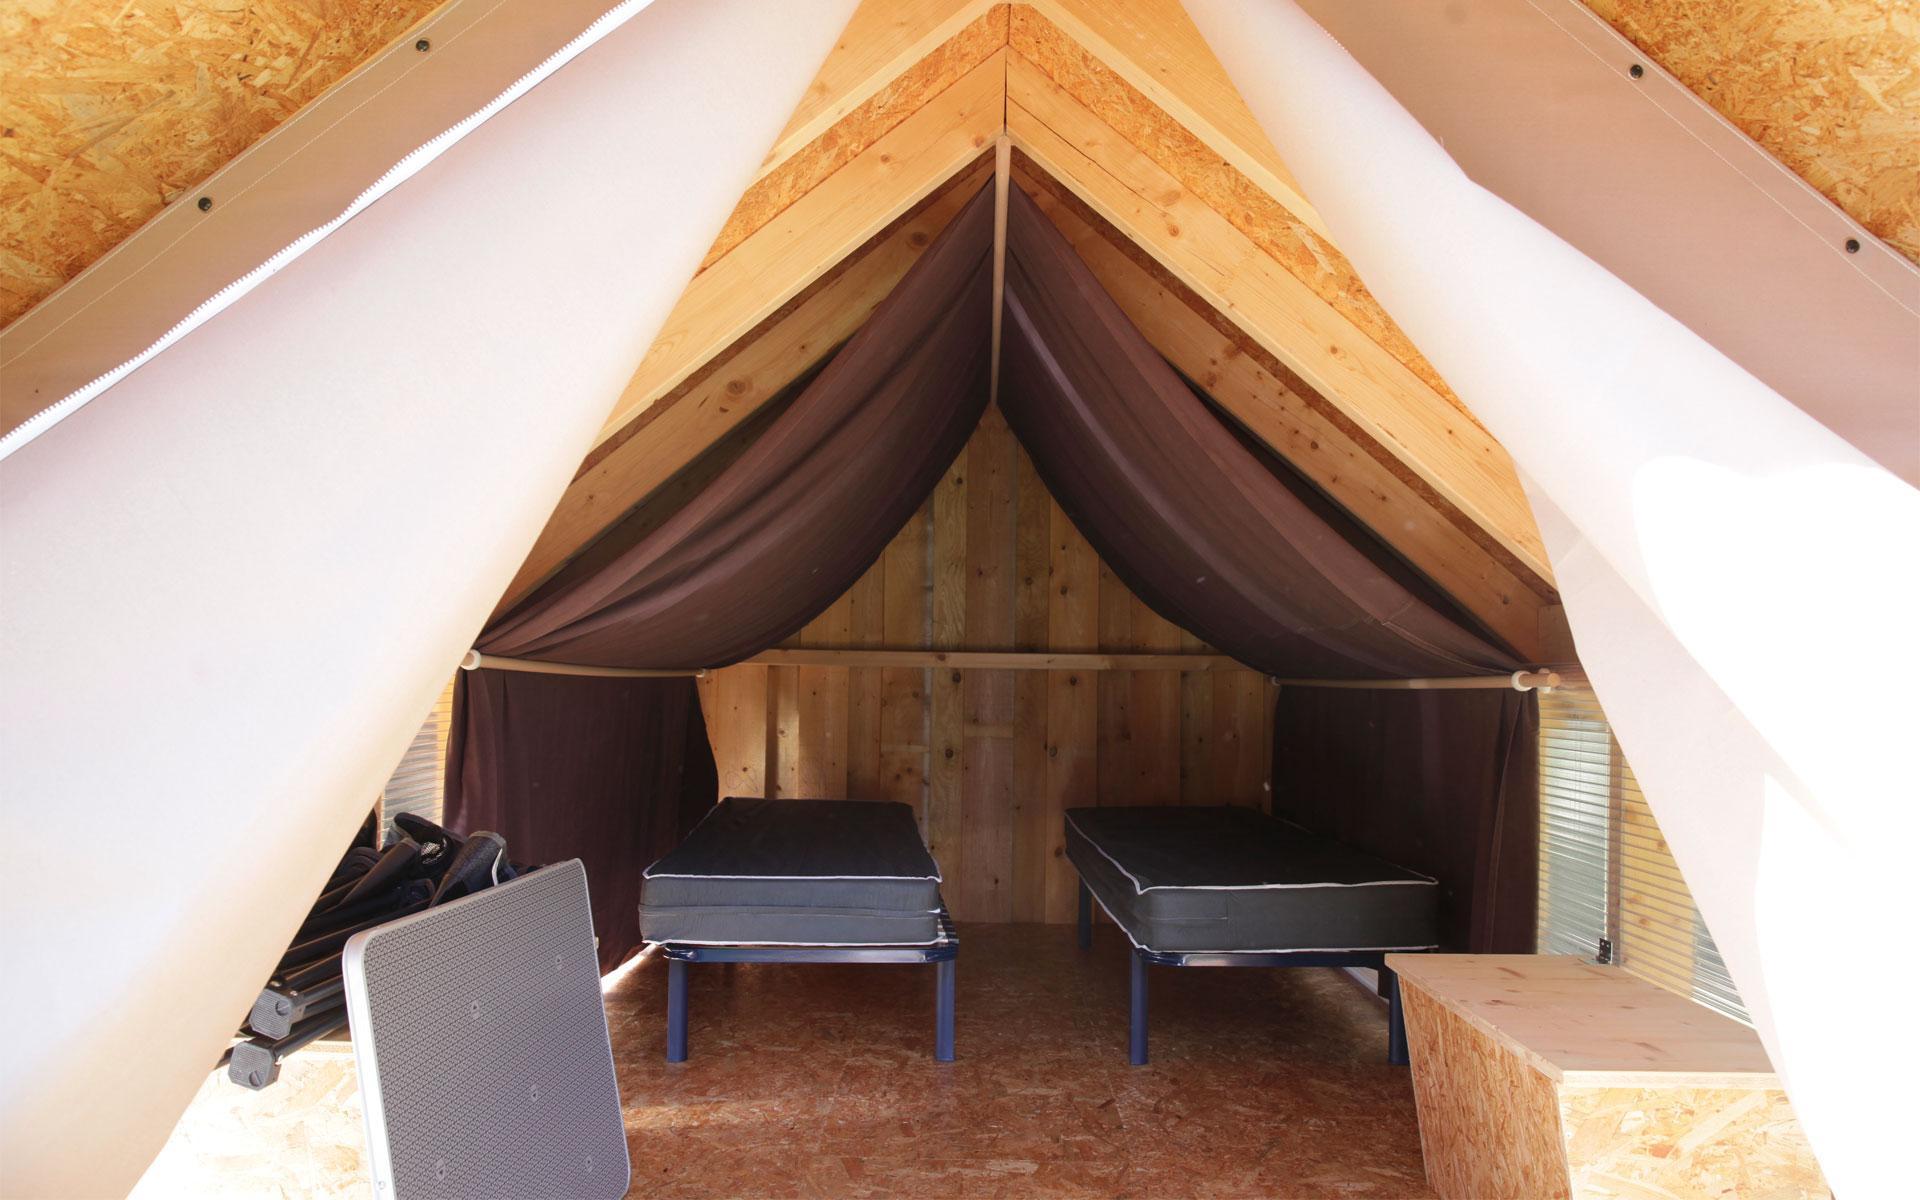 Lit deux personnes dans la hutte en bois